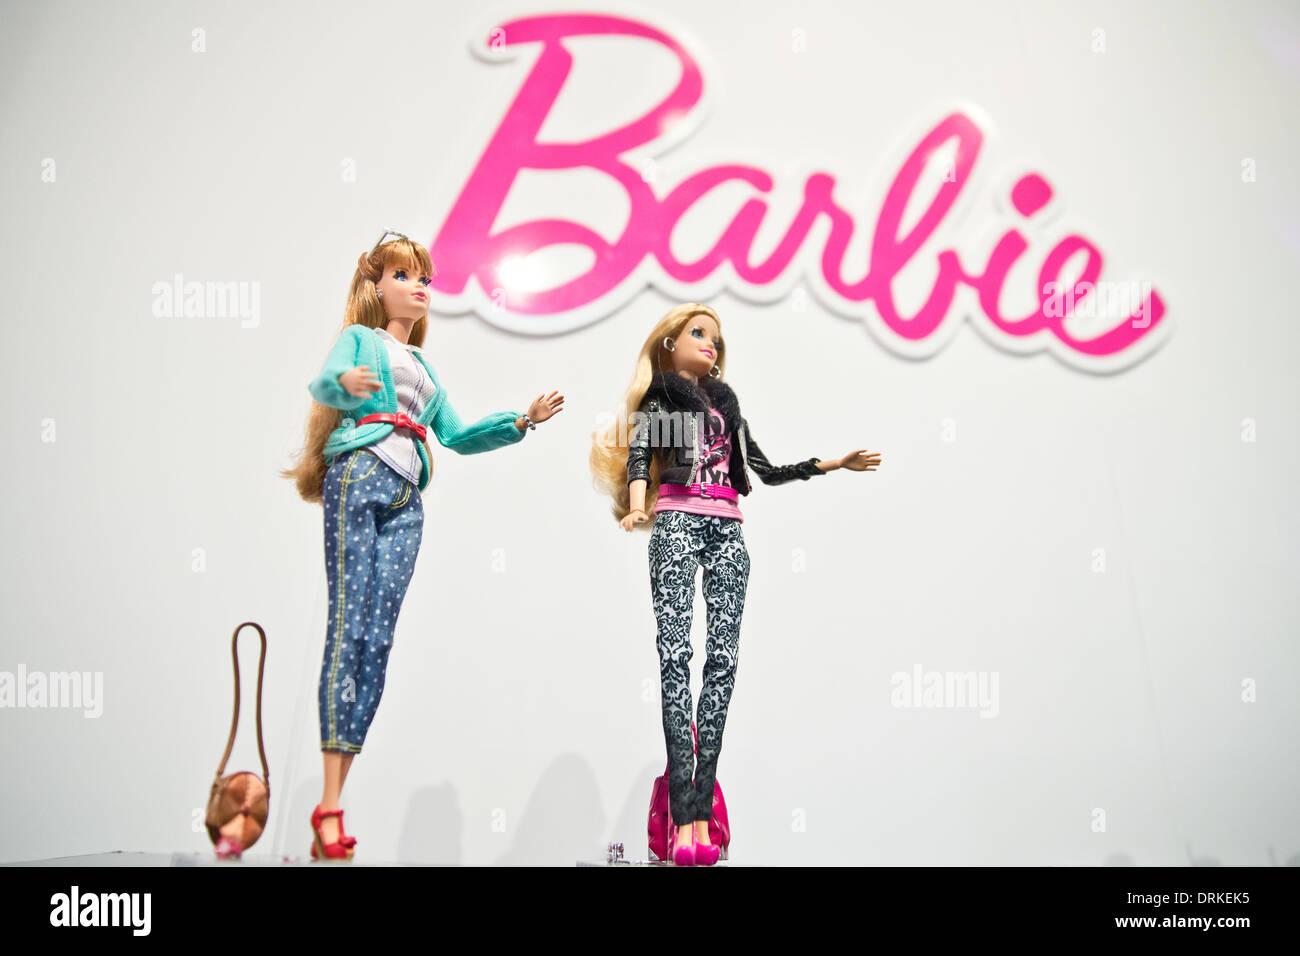 Nürnberg, Deutschland. 28. Januar 2014. Die neue Deluxe Fashionista Barbie ist während der Neuheiten-Show bei der 65. Internationalen Spielwarenmesse in Nürnberg, 28. Januar 2014 abgebildet. Foto: Daniel Karmann/Dpa/Alamy Live News Stockbild